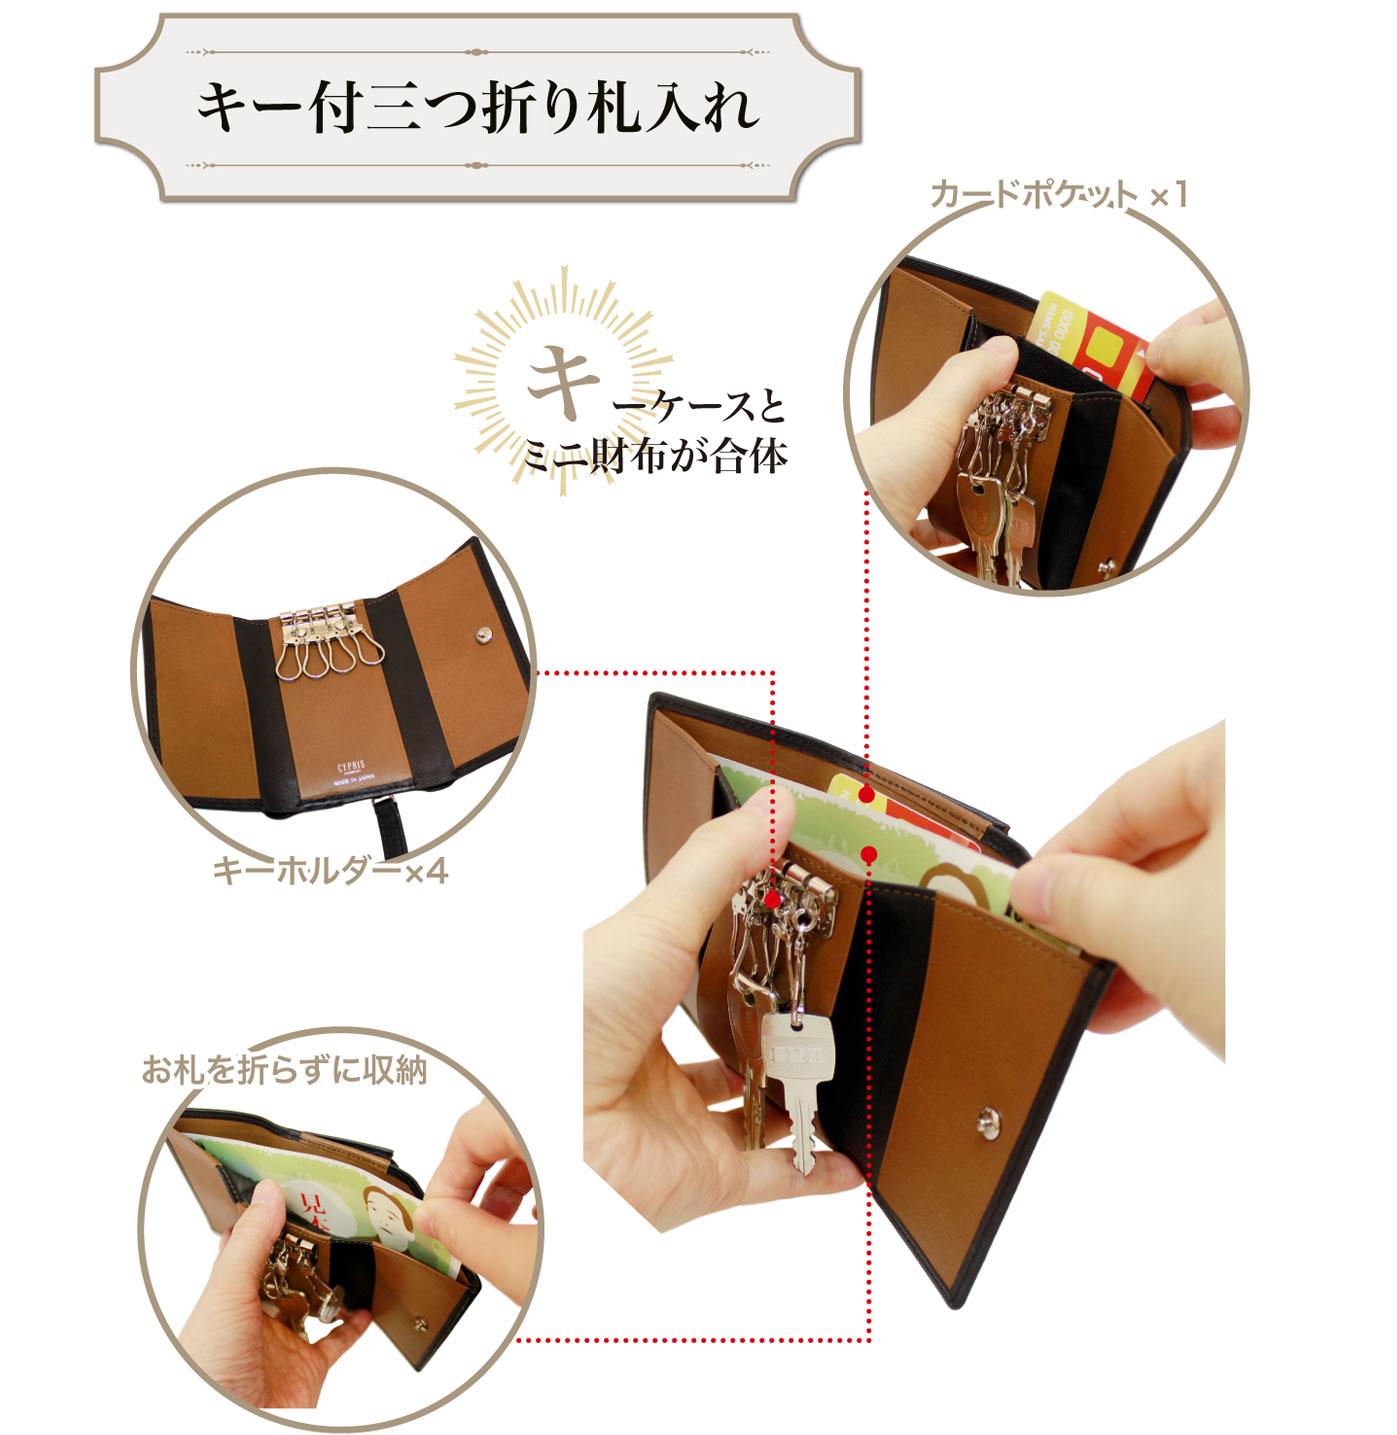 キプリスの革財布 テルヌーラのキー付三つ折り札入れ キーケースがミニ財布と合体。キーホルダー4つ。カードポケット完備。お札は折らずに収納できます。